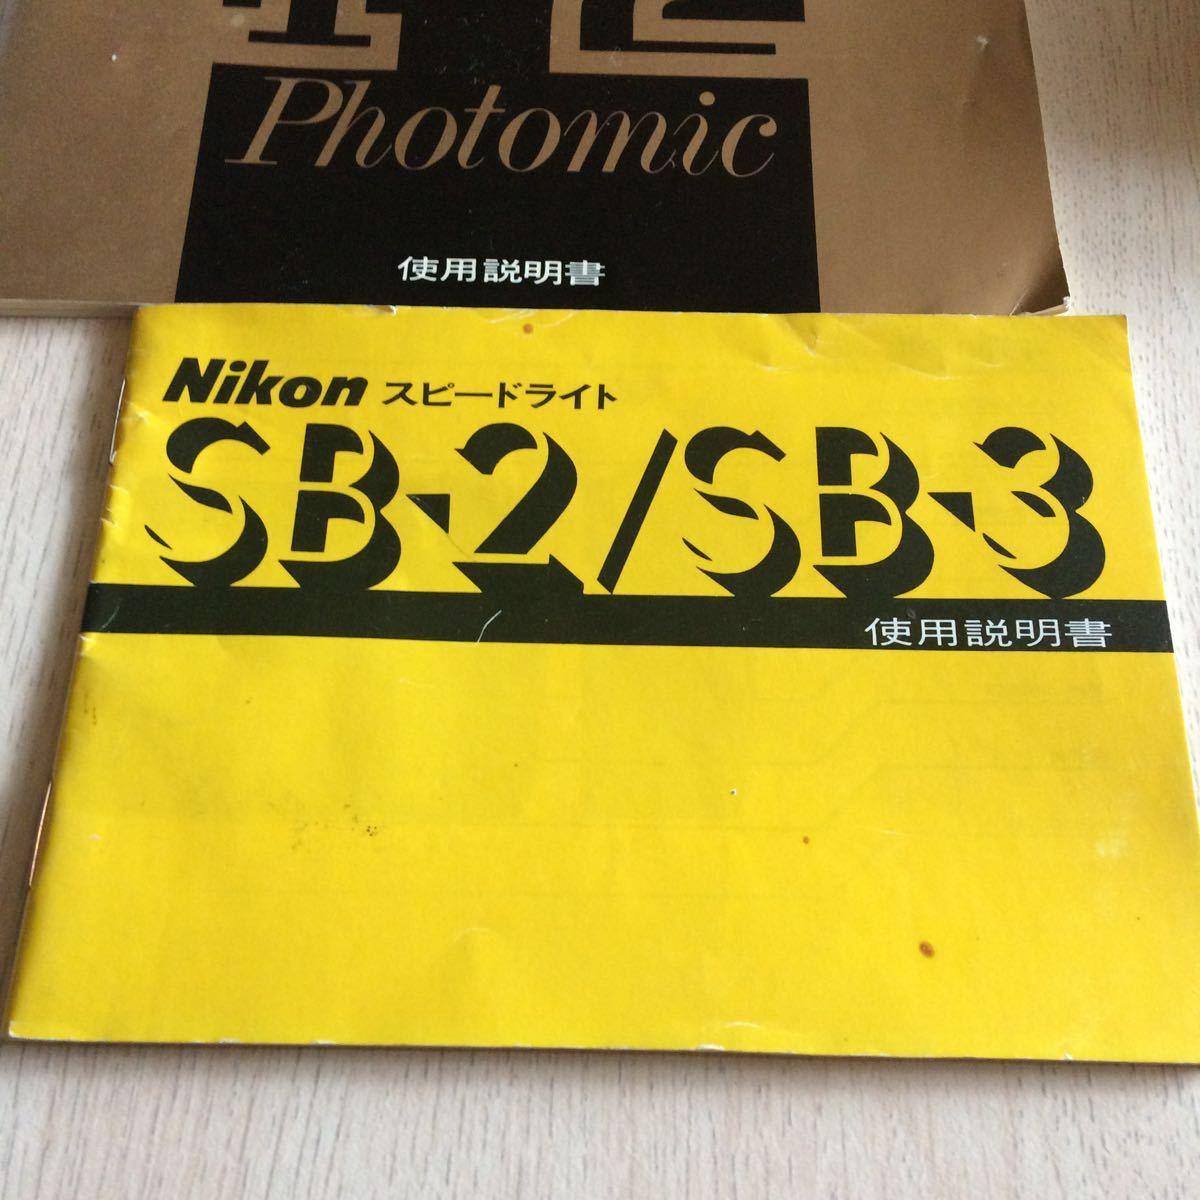 ニコン Nikon F2 取扱説明書 Nikonスピードライト_画像7